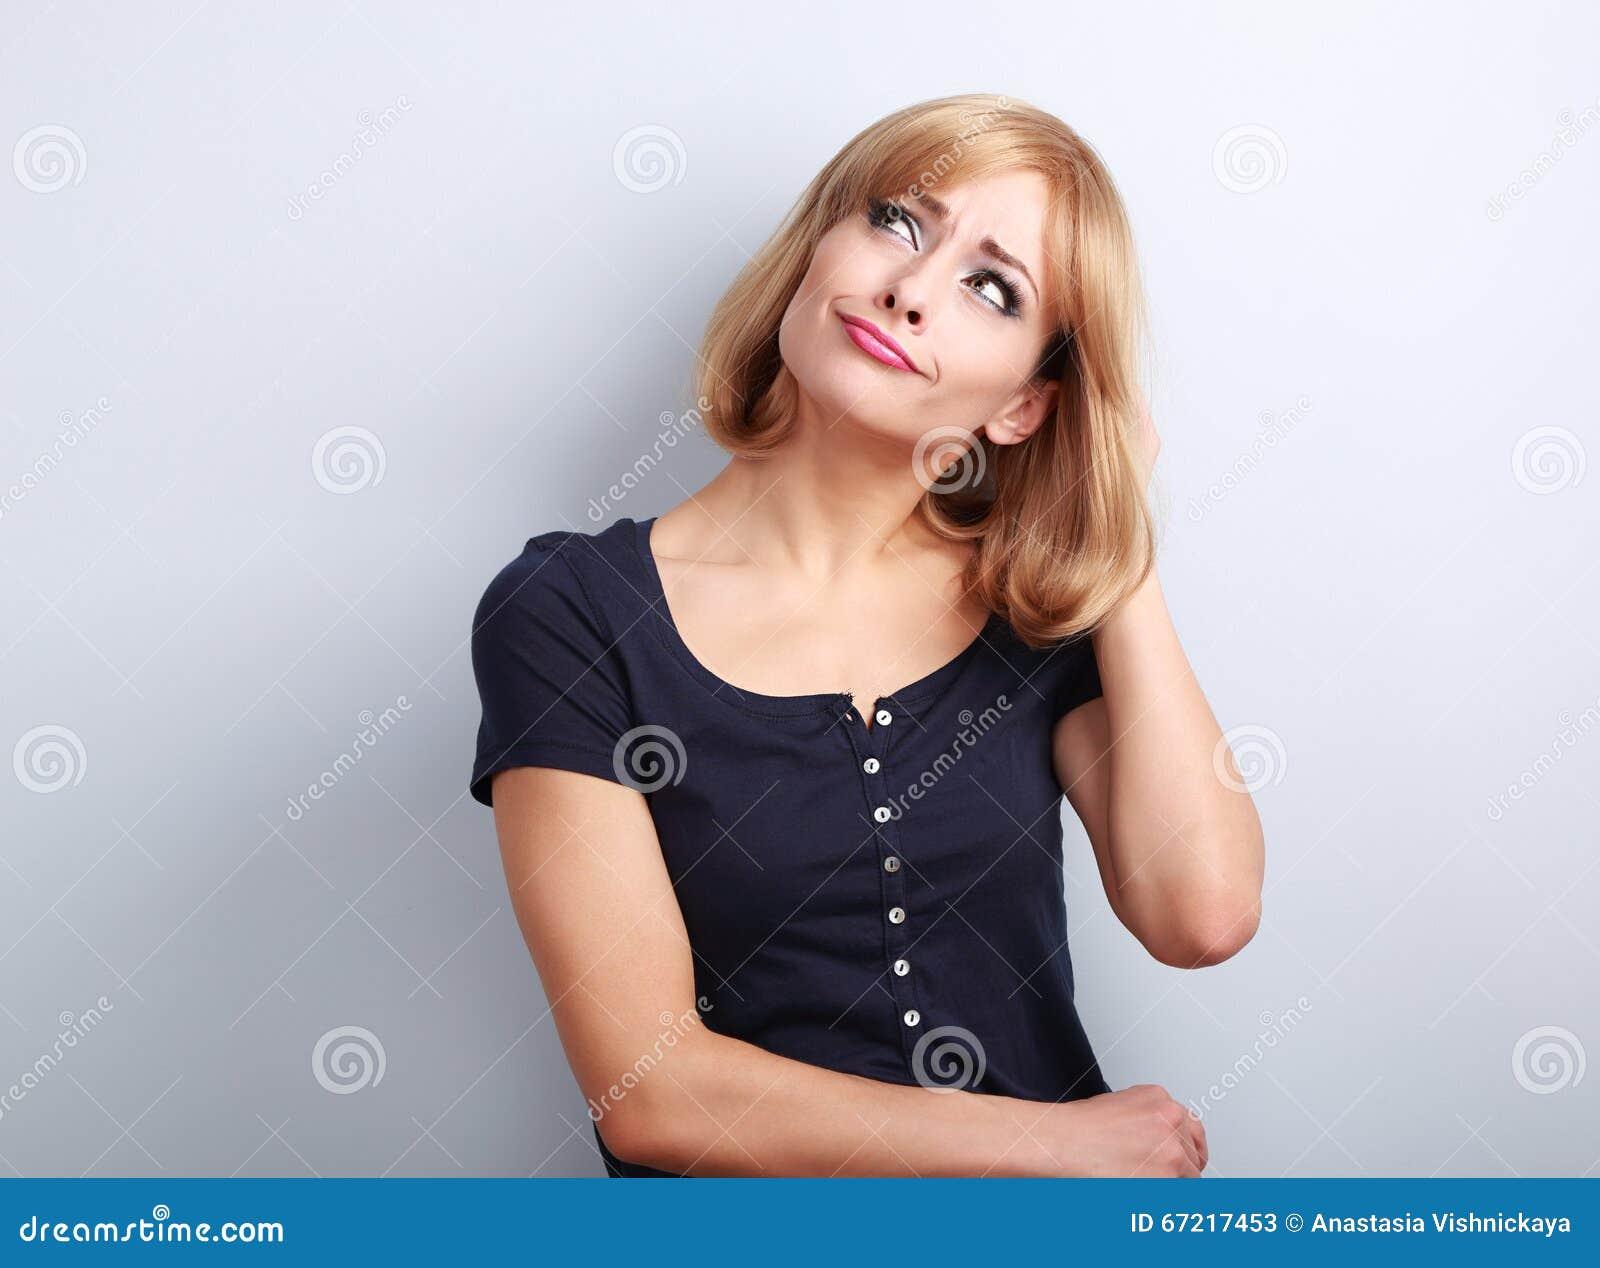 Μπερδεμένη δυστυχισμένη σκεπτόμενη νέα γυναίκα που ανατρέχει στο κενό αντίγραφο SP